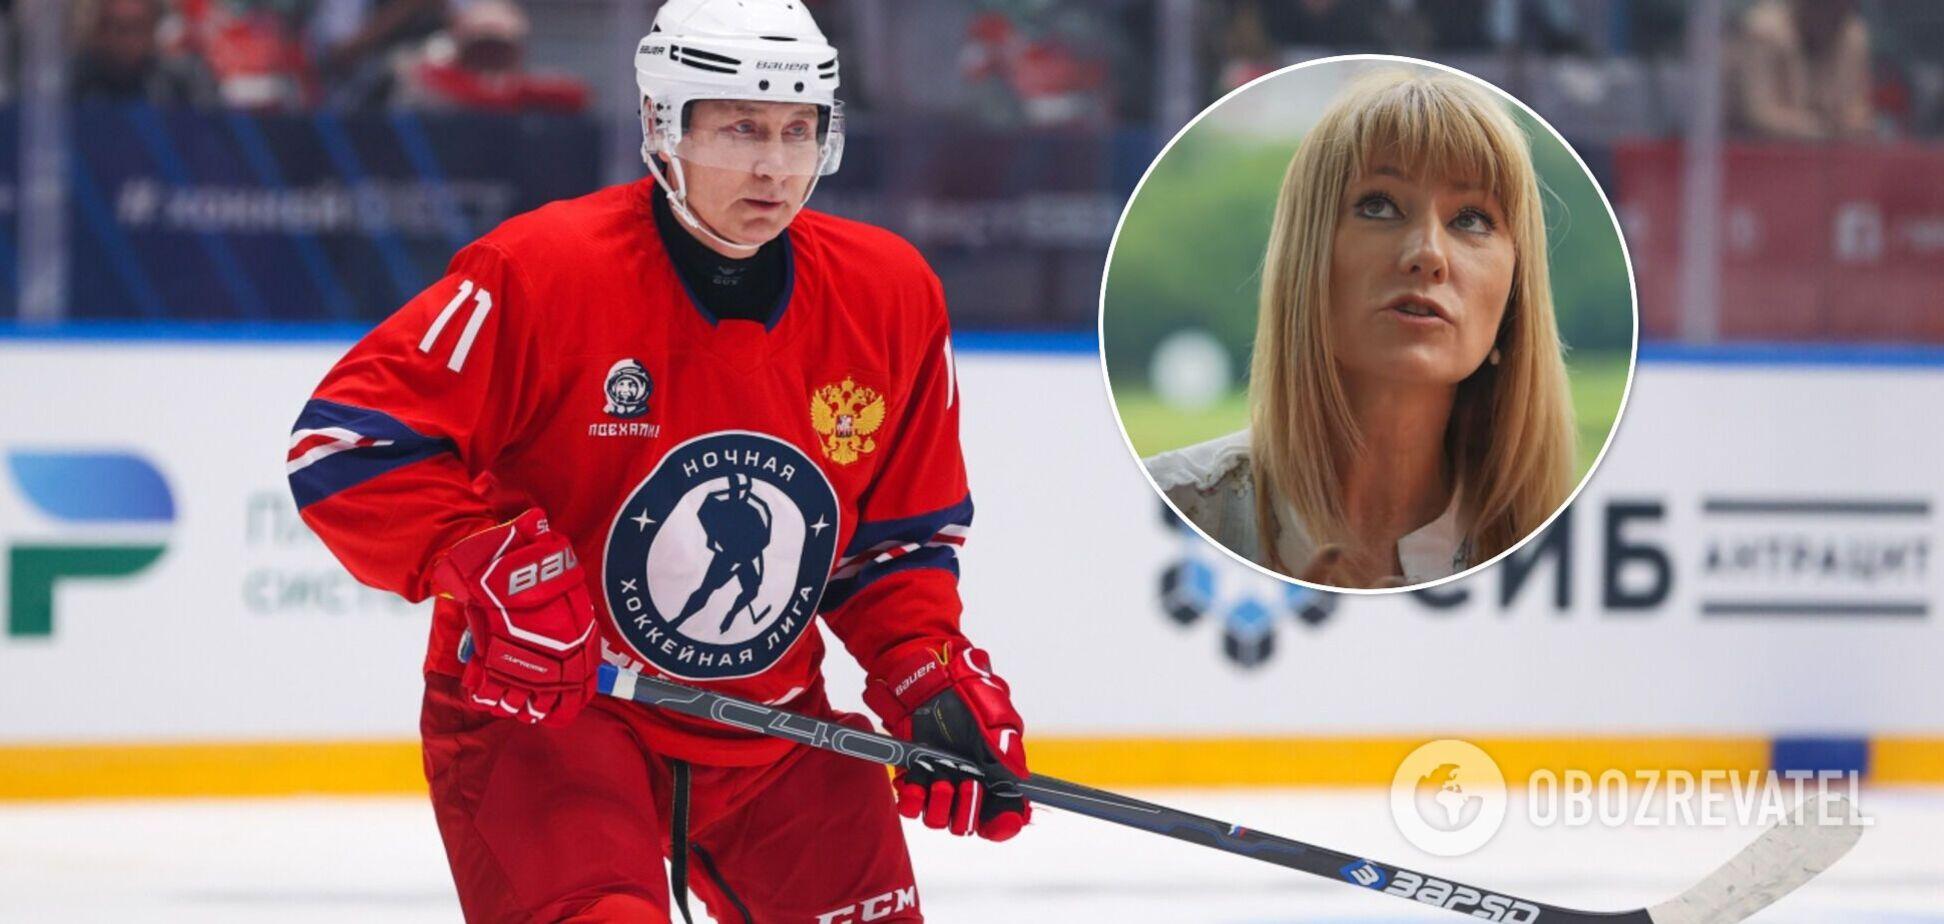 'Это нельзя показывать': олимпийская чемпионка оценила игру Путина в хоккей